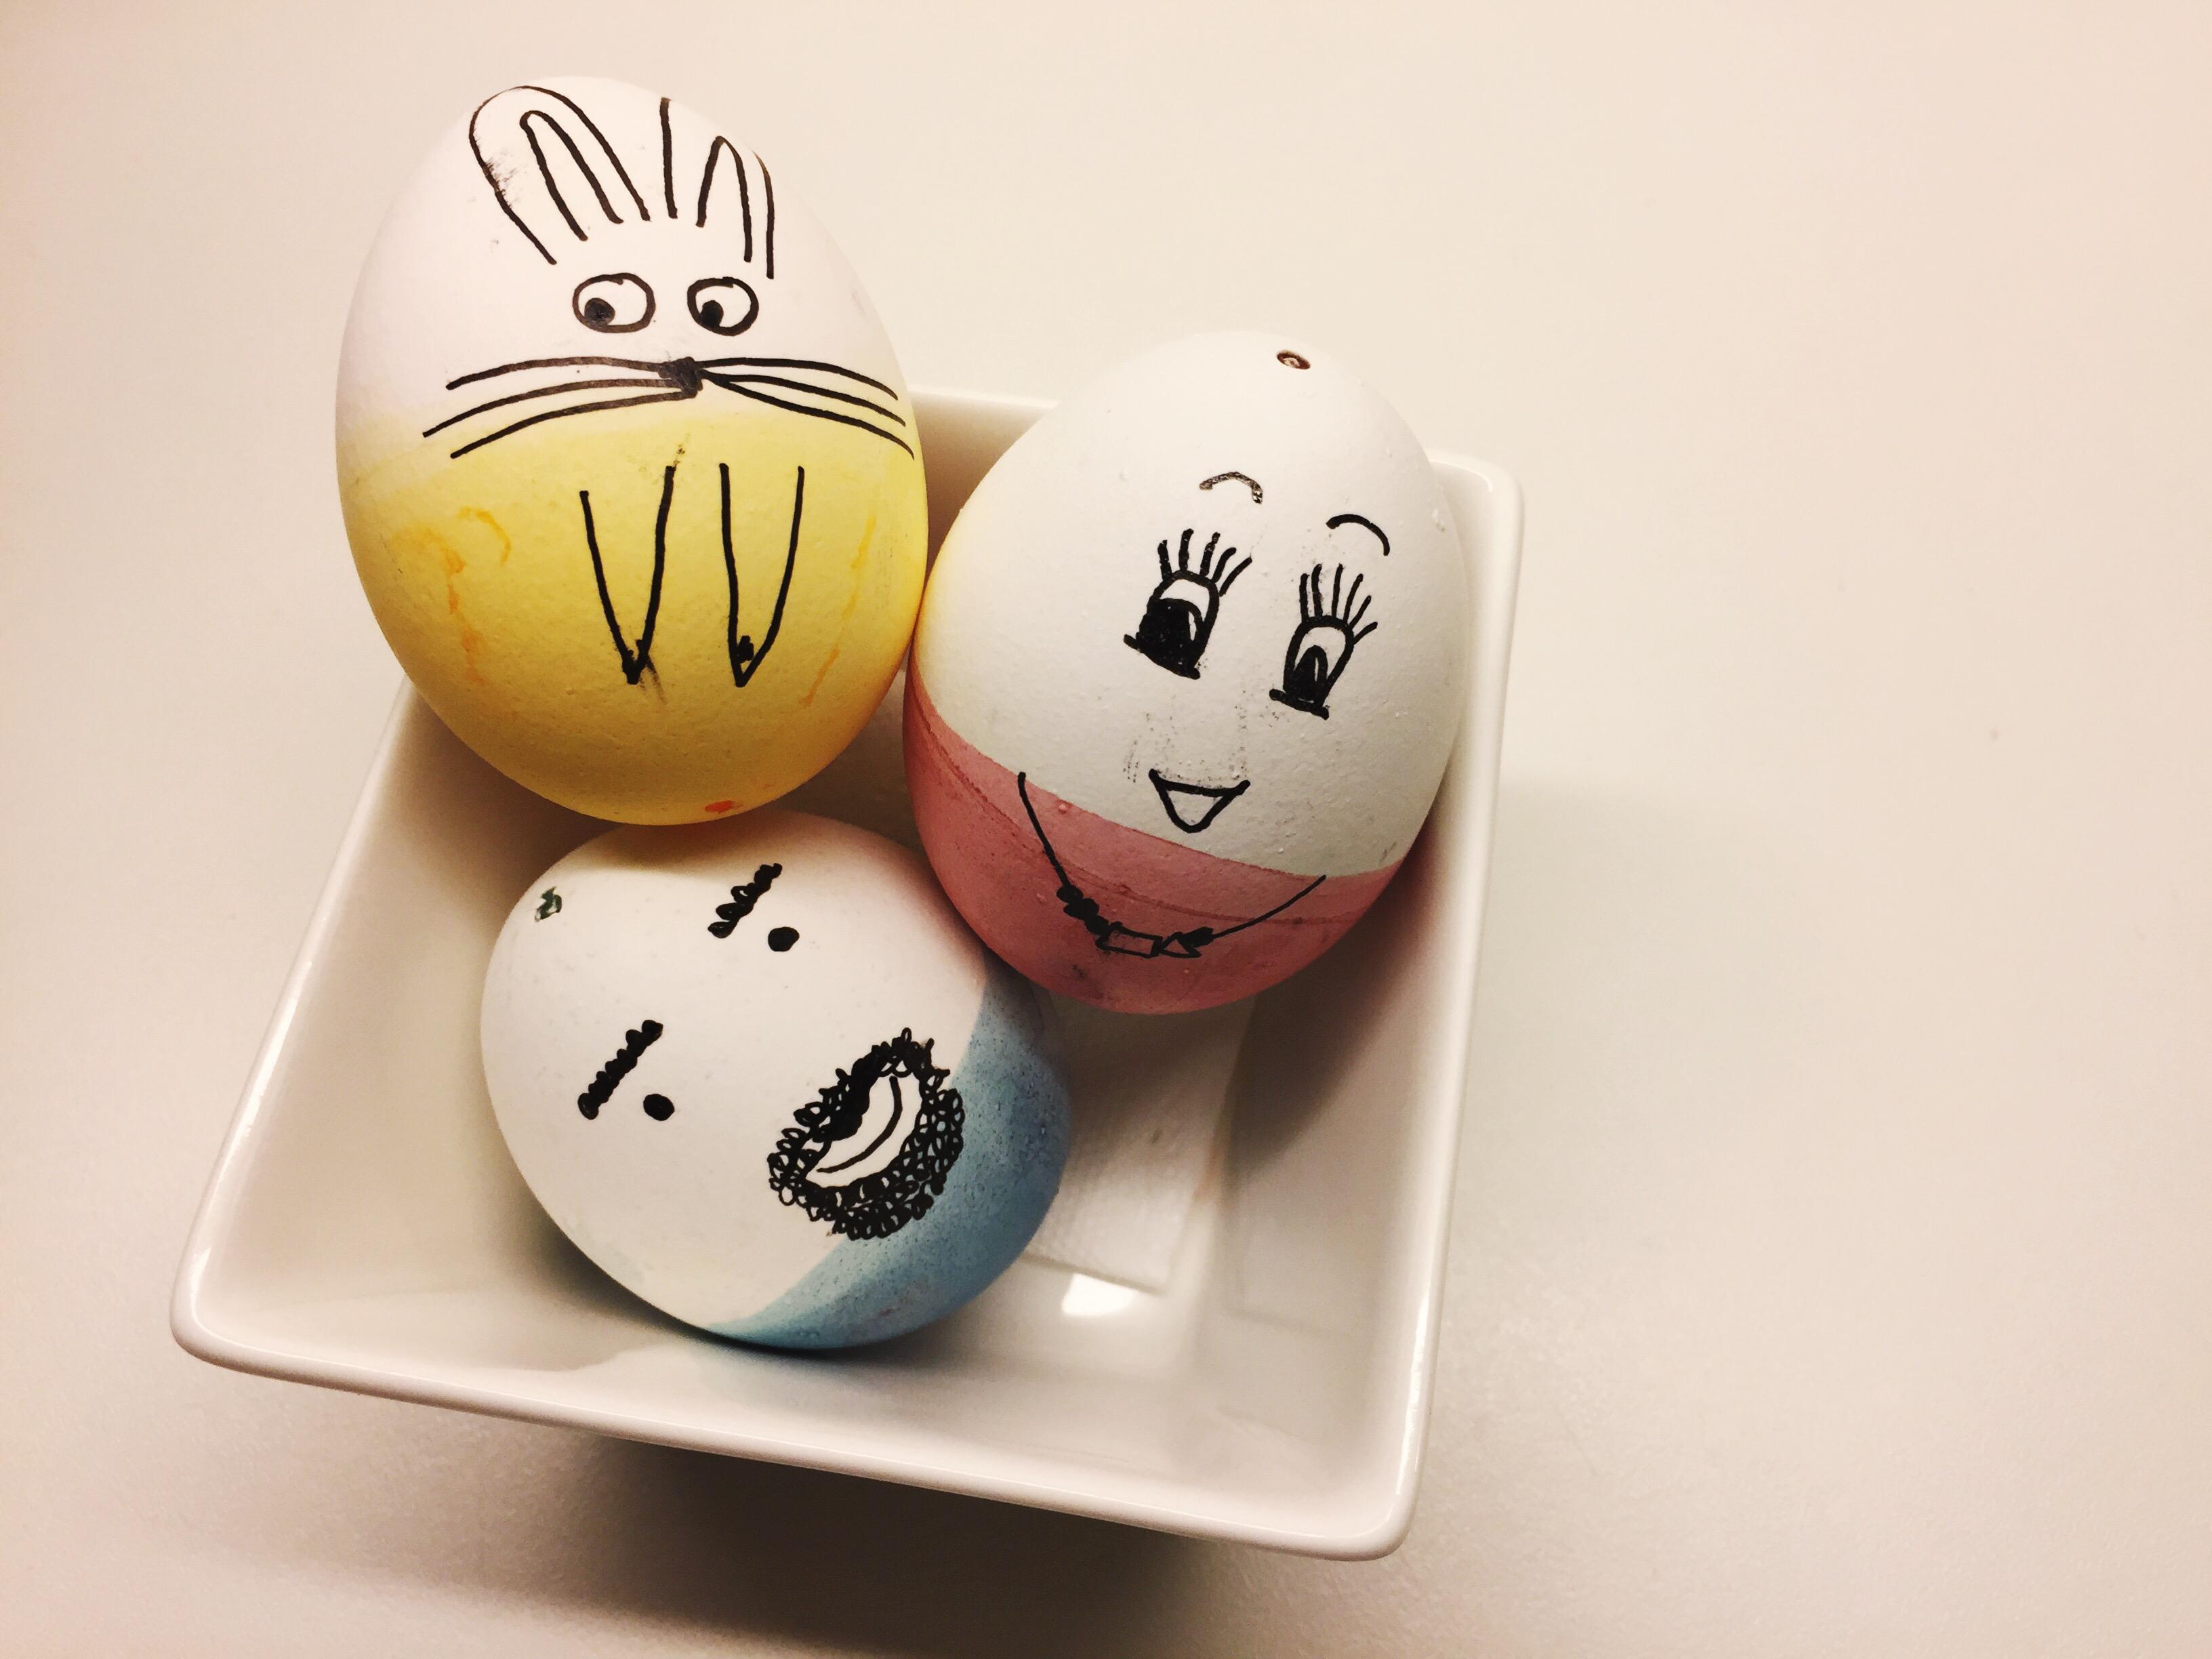 Ostereier bemalen | Mit kleinen Doodle-Gesichtern süße Eierkollegen zaubern